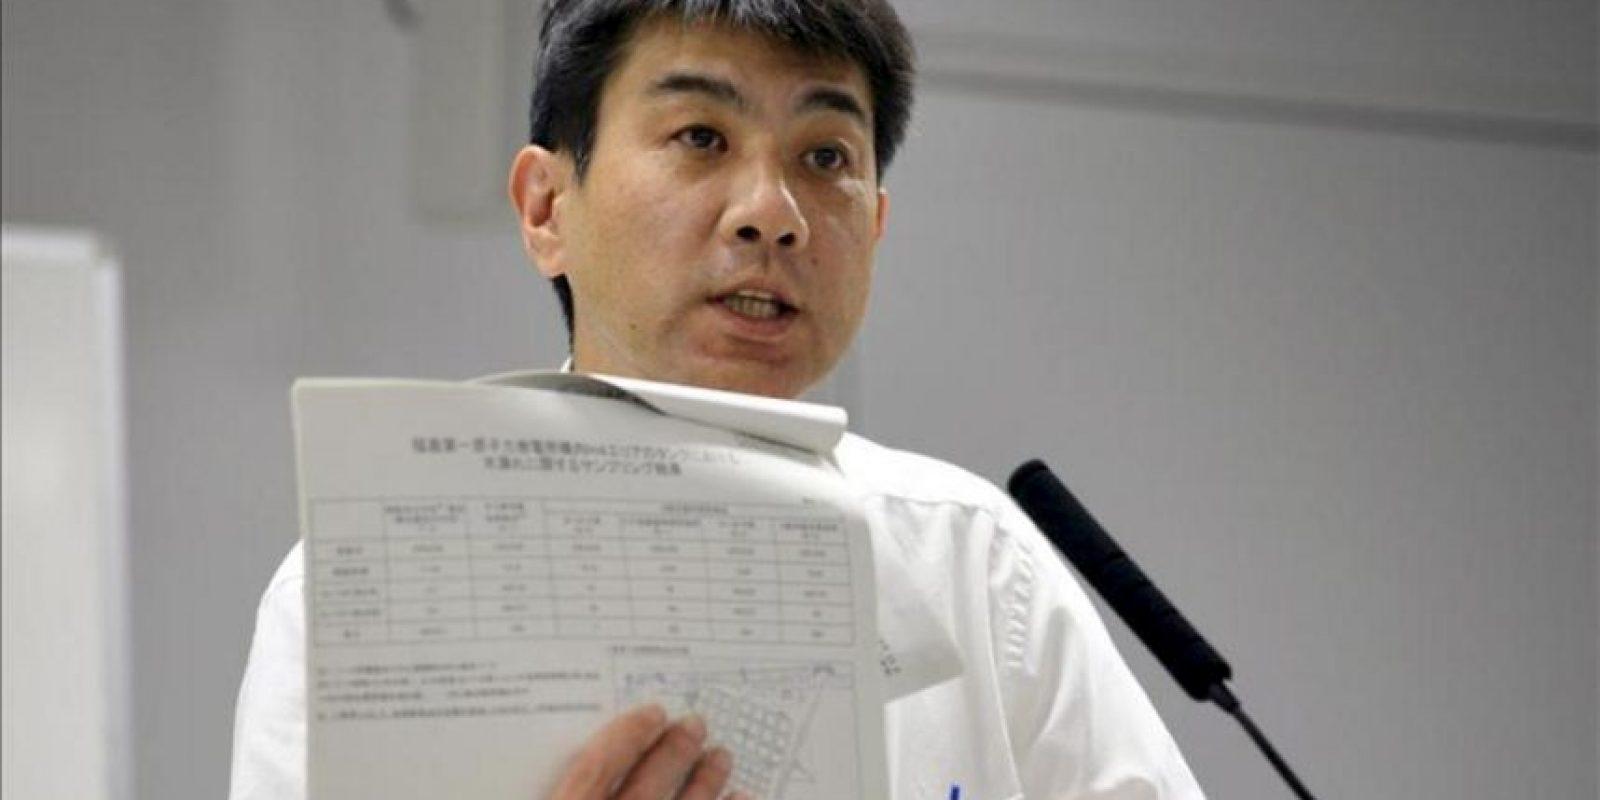 El portavoz de la compañía Tokyo Electric Power (TEPCO), Noriyuki Imaizumi, enseña unos documentos con los resultados de las muestras tomadas del agua contaminada filtrada de un tanque de almacenamiento, durante una rueda de prensa en la sede de la compañía en Tokio (Japón). EFE